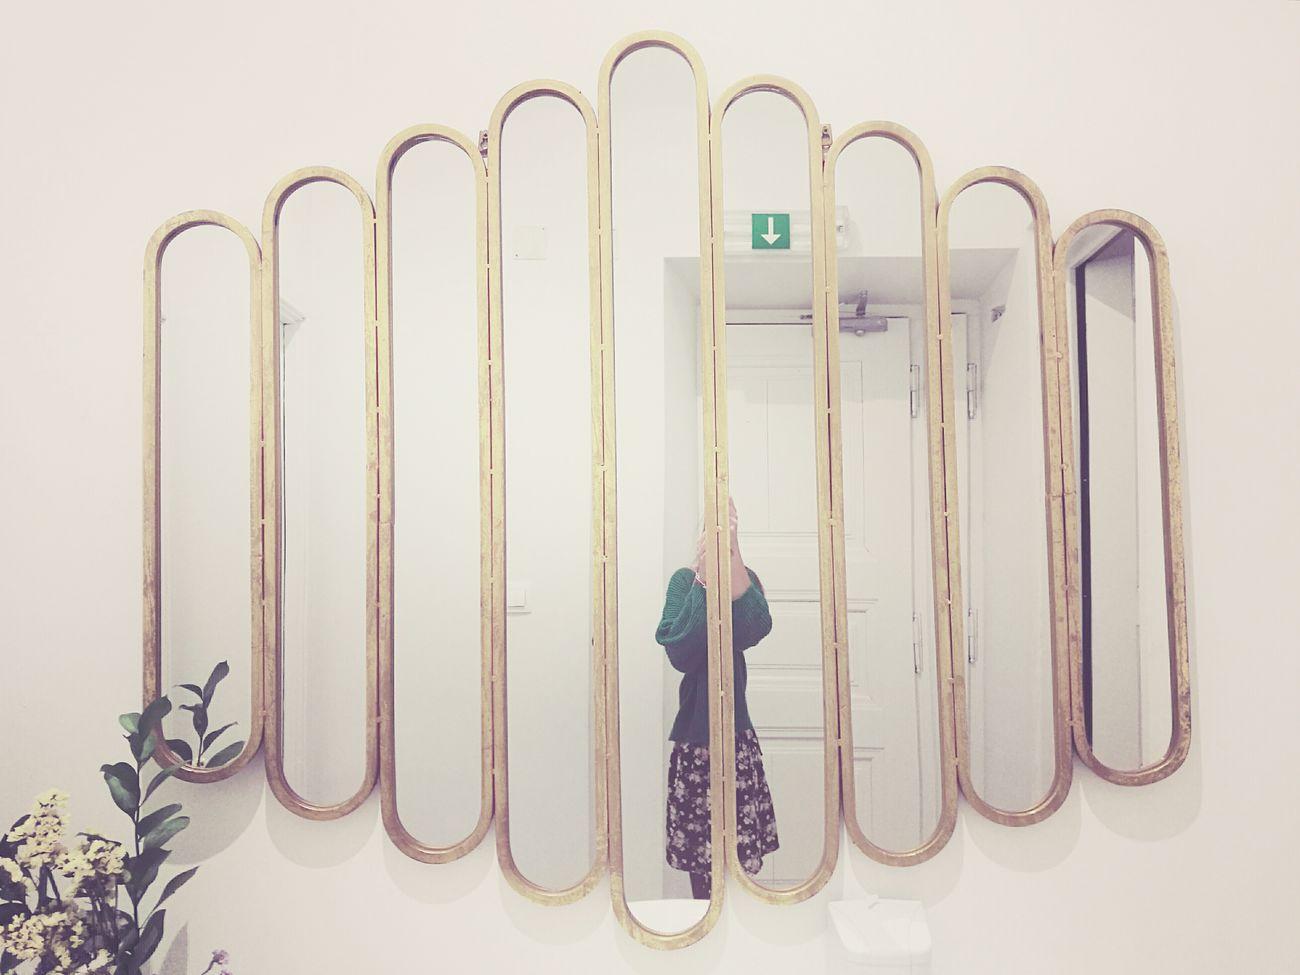 -¿Por dónde empezar una mudanza? -Es fácil, elige que parte de ti quieres llevarte, de nuevo, a esa ciudad... «« Microhistorias»» Move Mudanza Mirror Portrait Autoretrato Futuro Future Microhistoriastesis99 Tesis99 EyeEm No People Indoors  Pared Wall Portugal Baño  Bathroom Reflejo Reflection HuaweiP9 Reflections Espejos